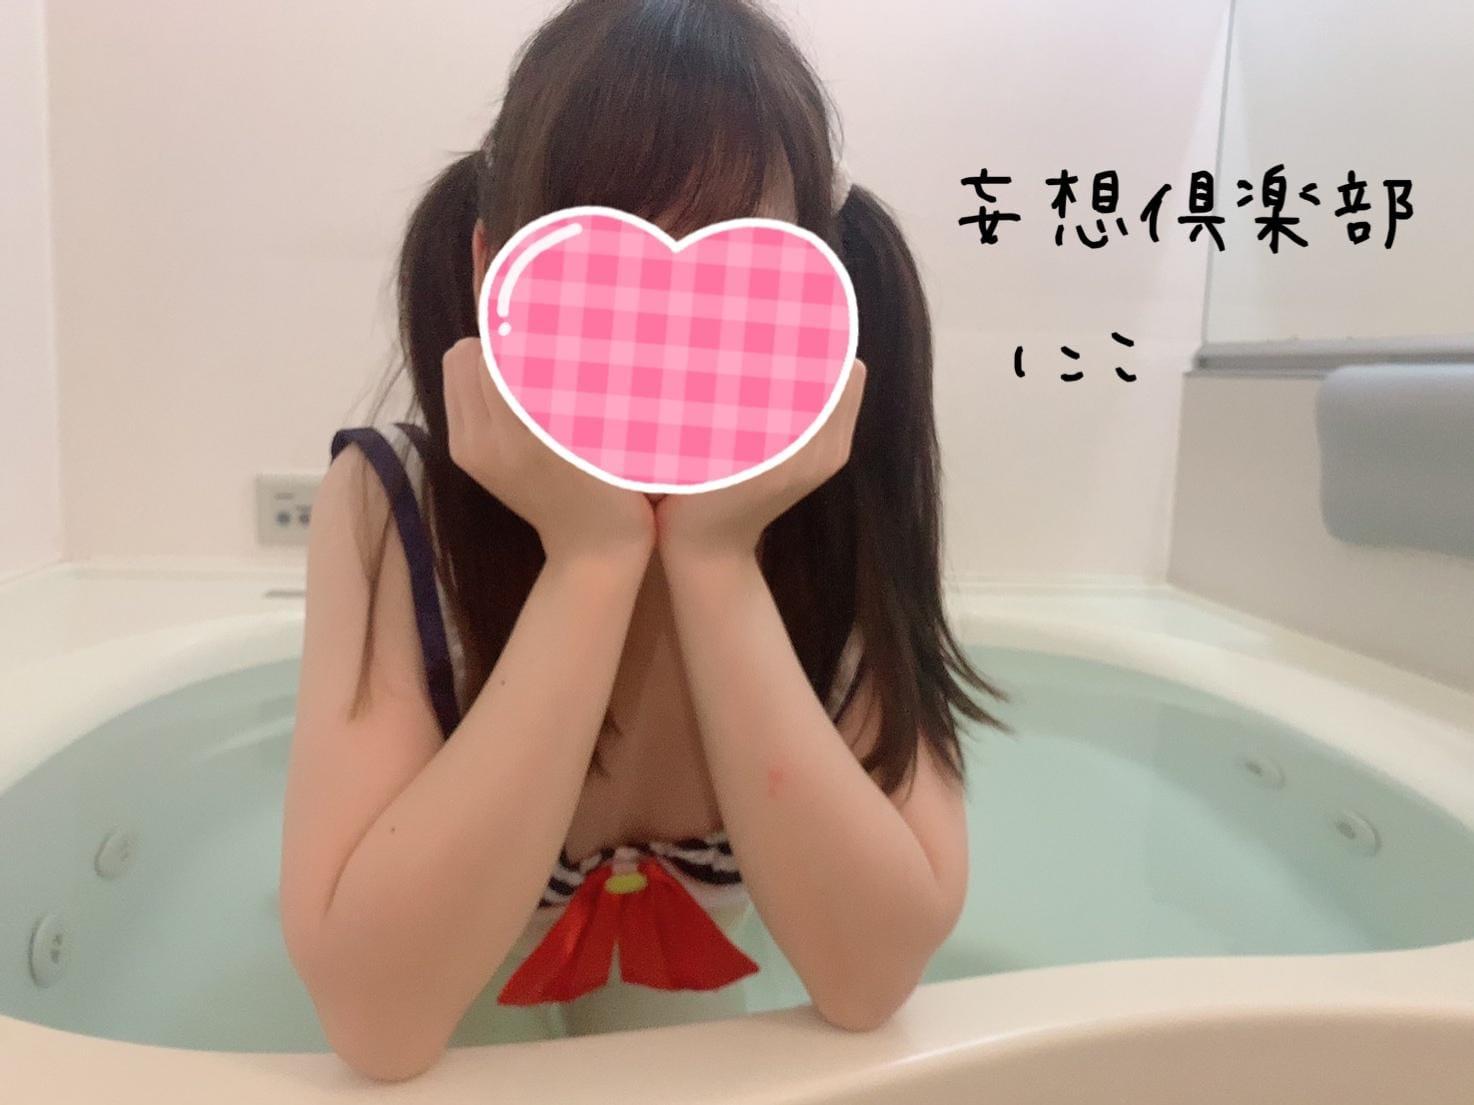 「☆☆」09/16(木) 21:56 | にこの写メ